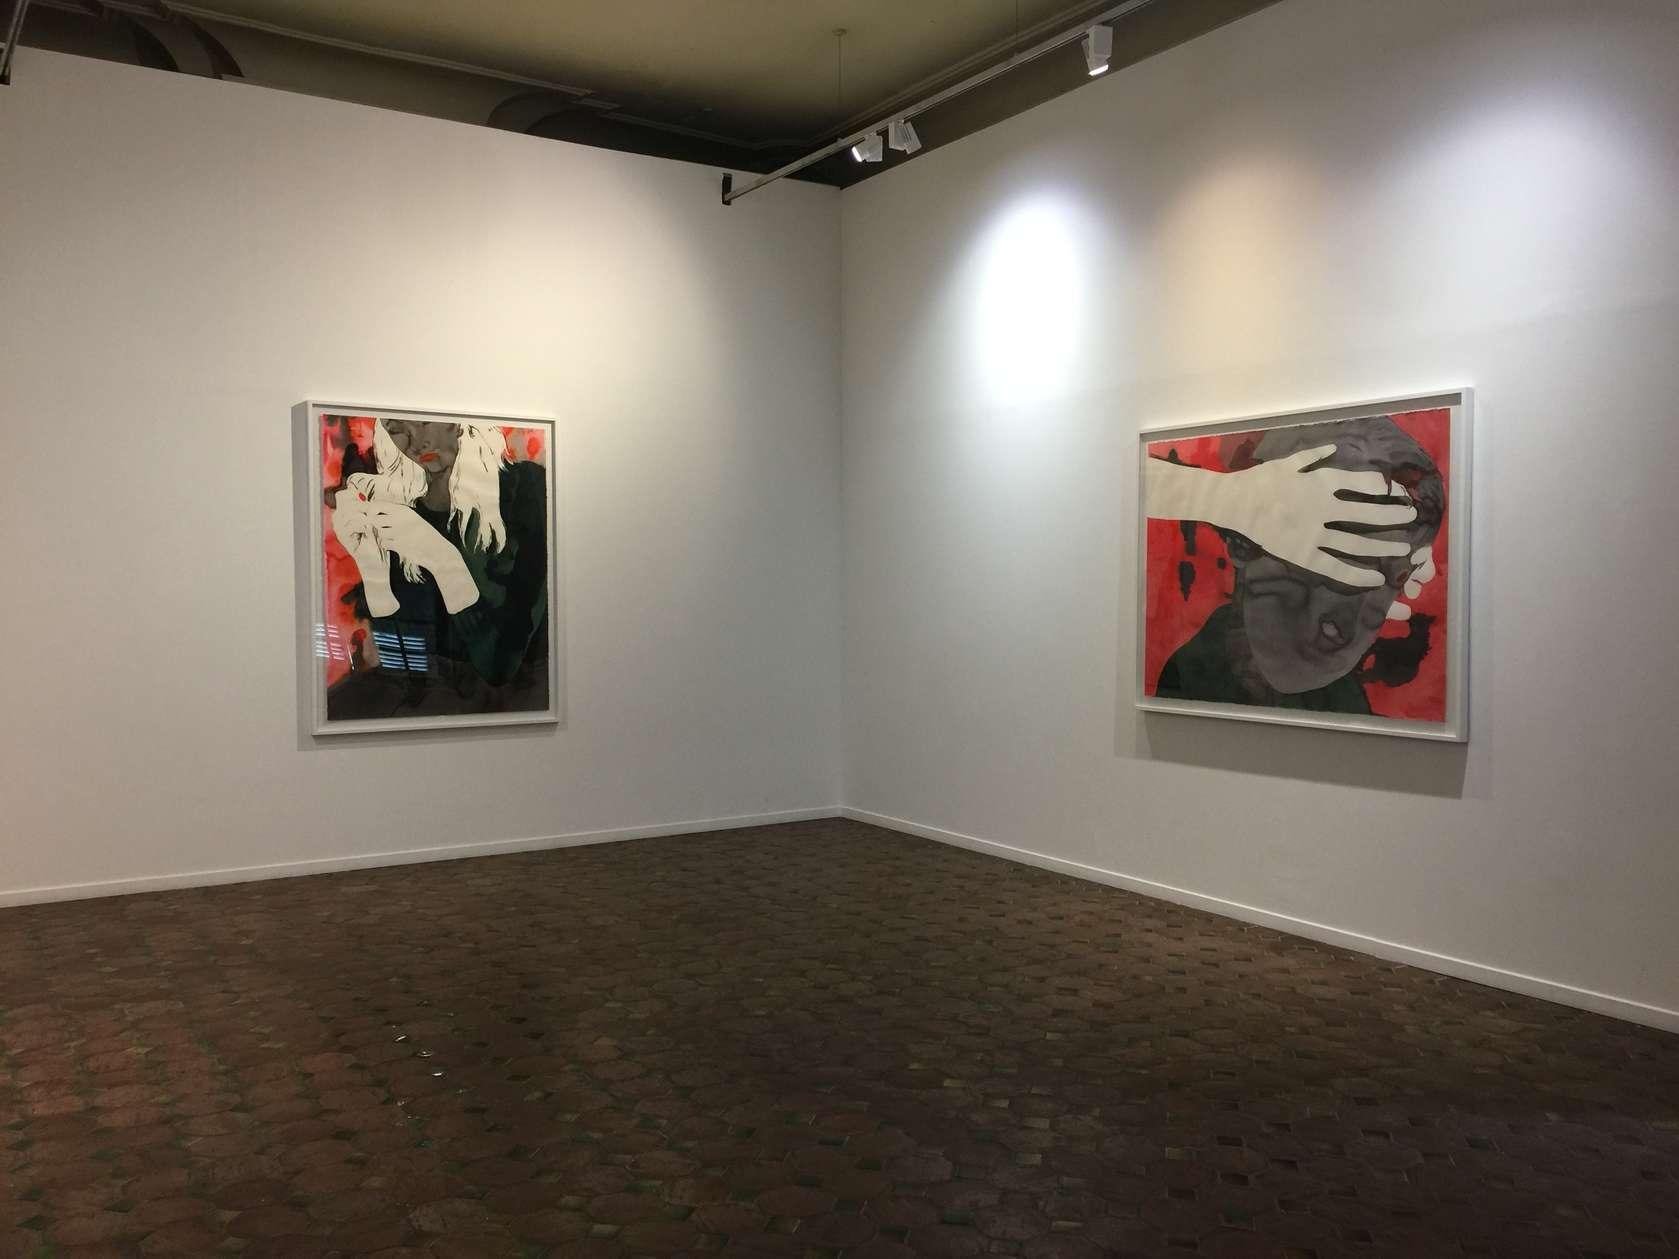 Françoise Pétrovitch La force du dessin Musée de Vence / Fondation Émile Hugues, Vence (FR) 16 mars  — 26 mai 2019